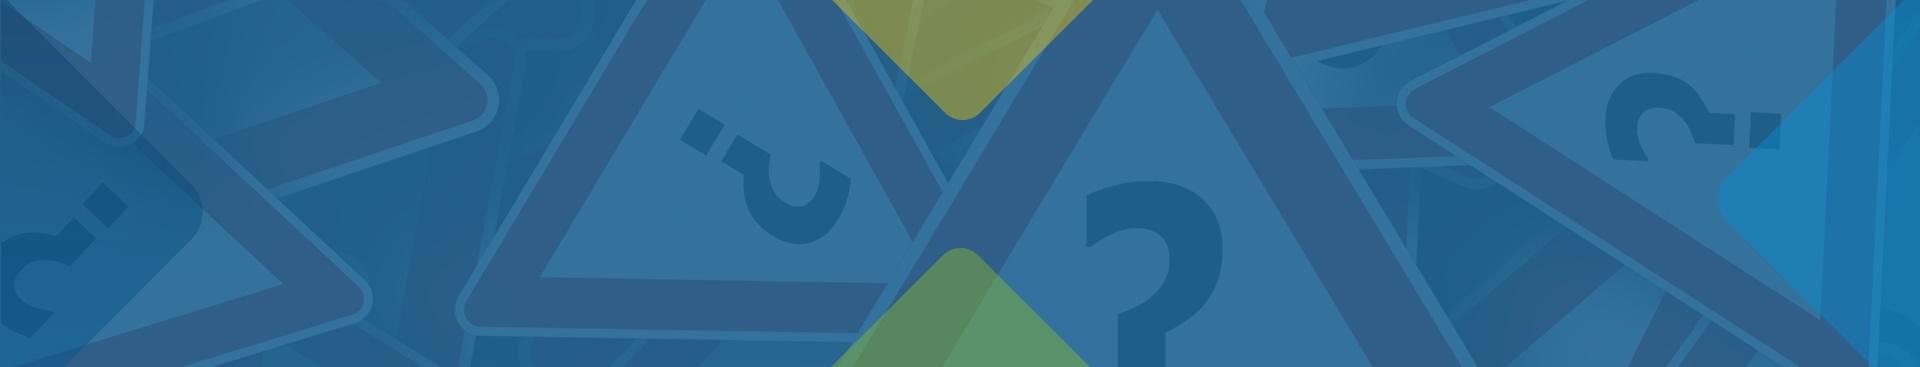 banner-for-faq.jpg